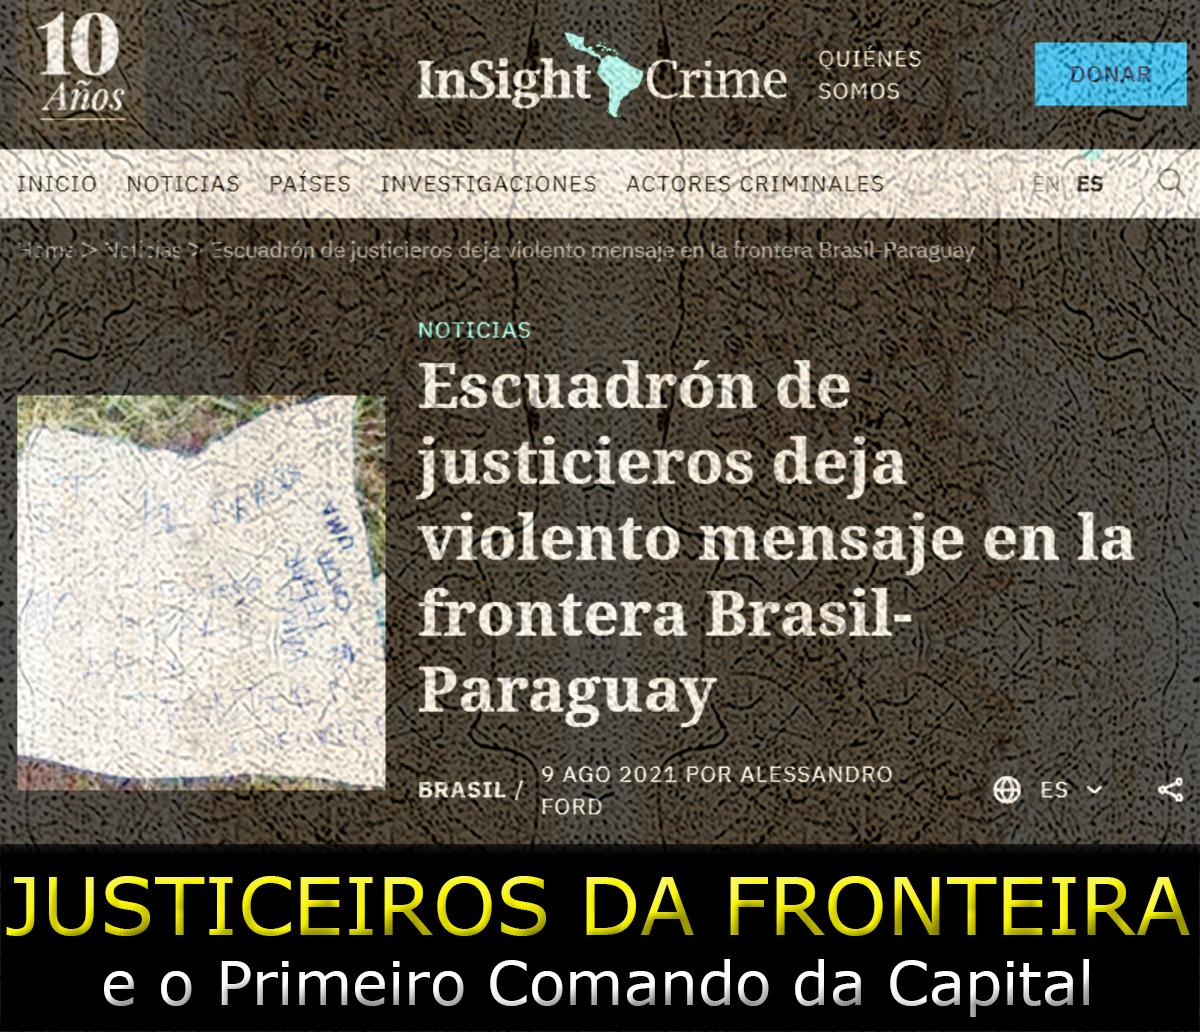 Os Justiceiros da Fronteira Brasil-Paraguai teriam ligação com o PCC?